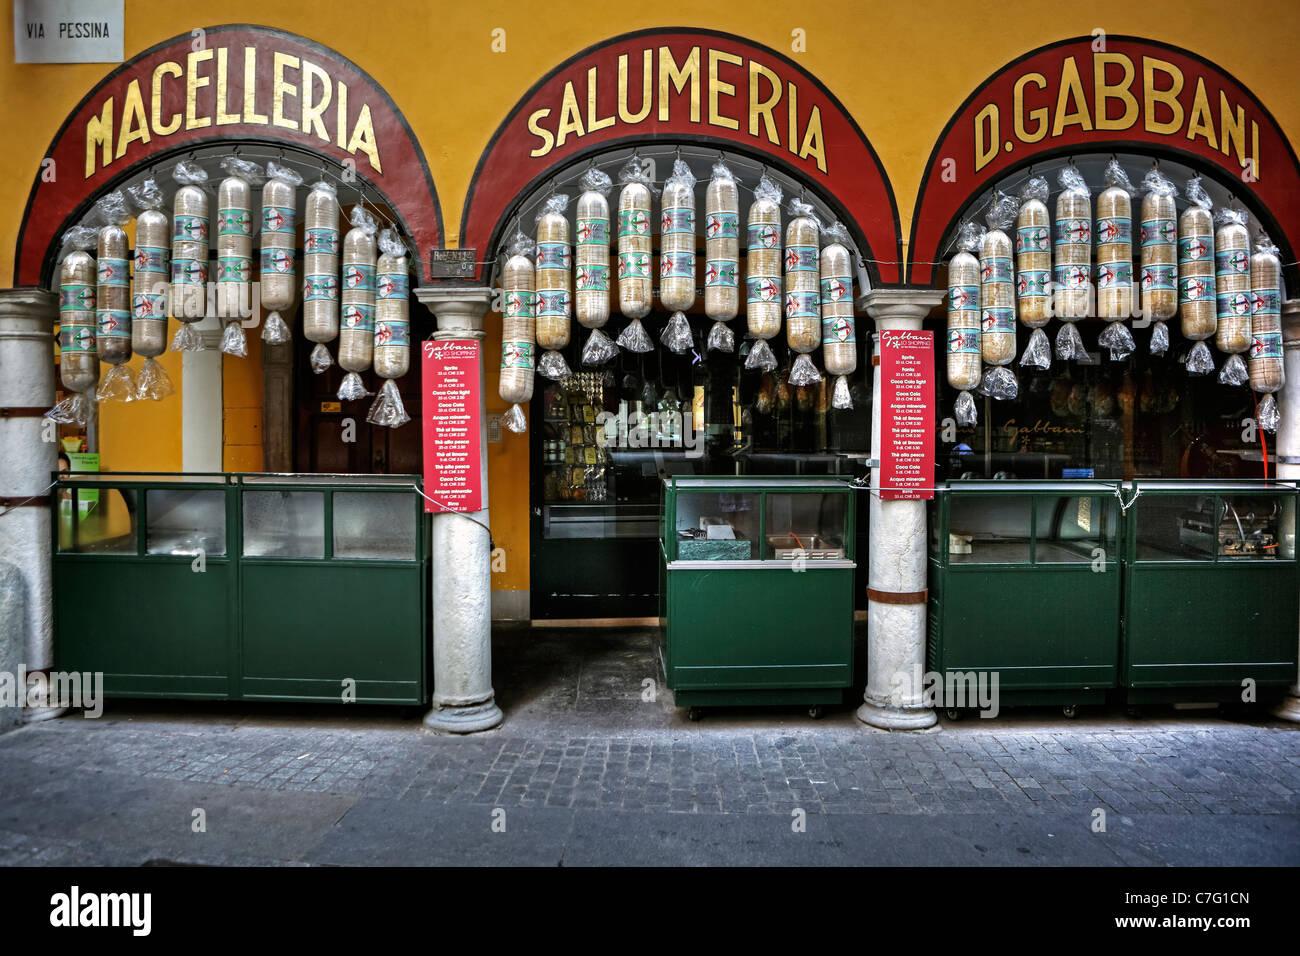 The famous Salumeria in Lugano. Stock Photo